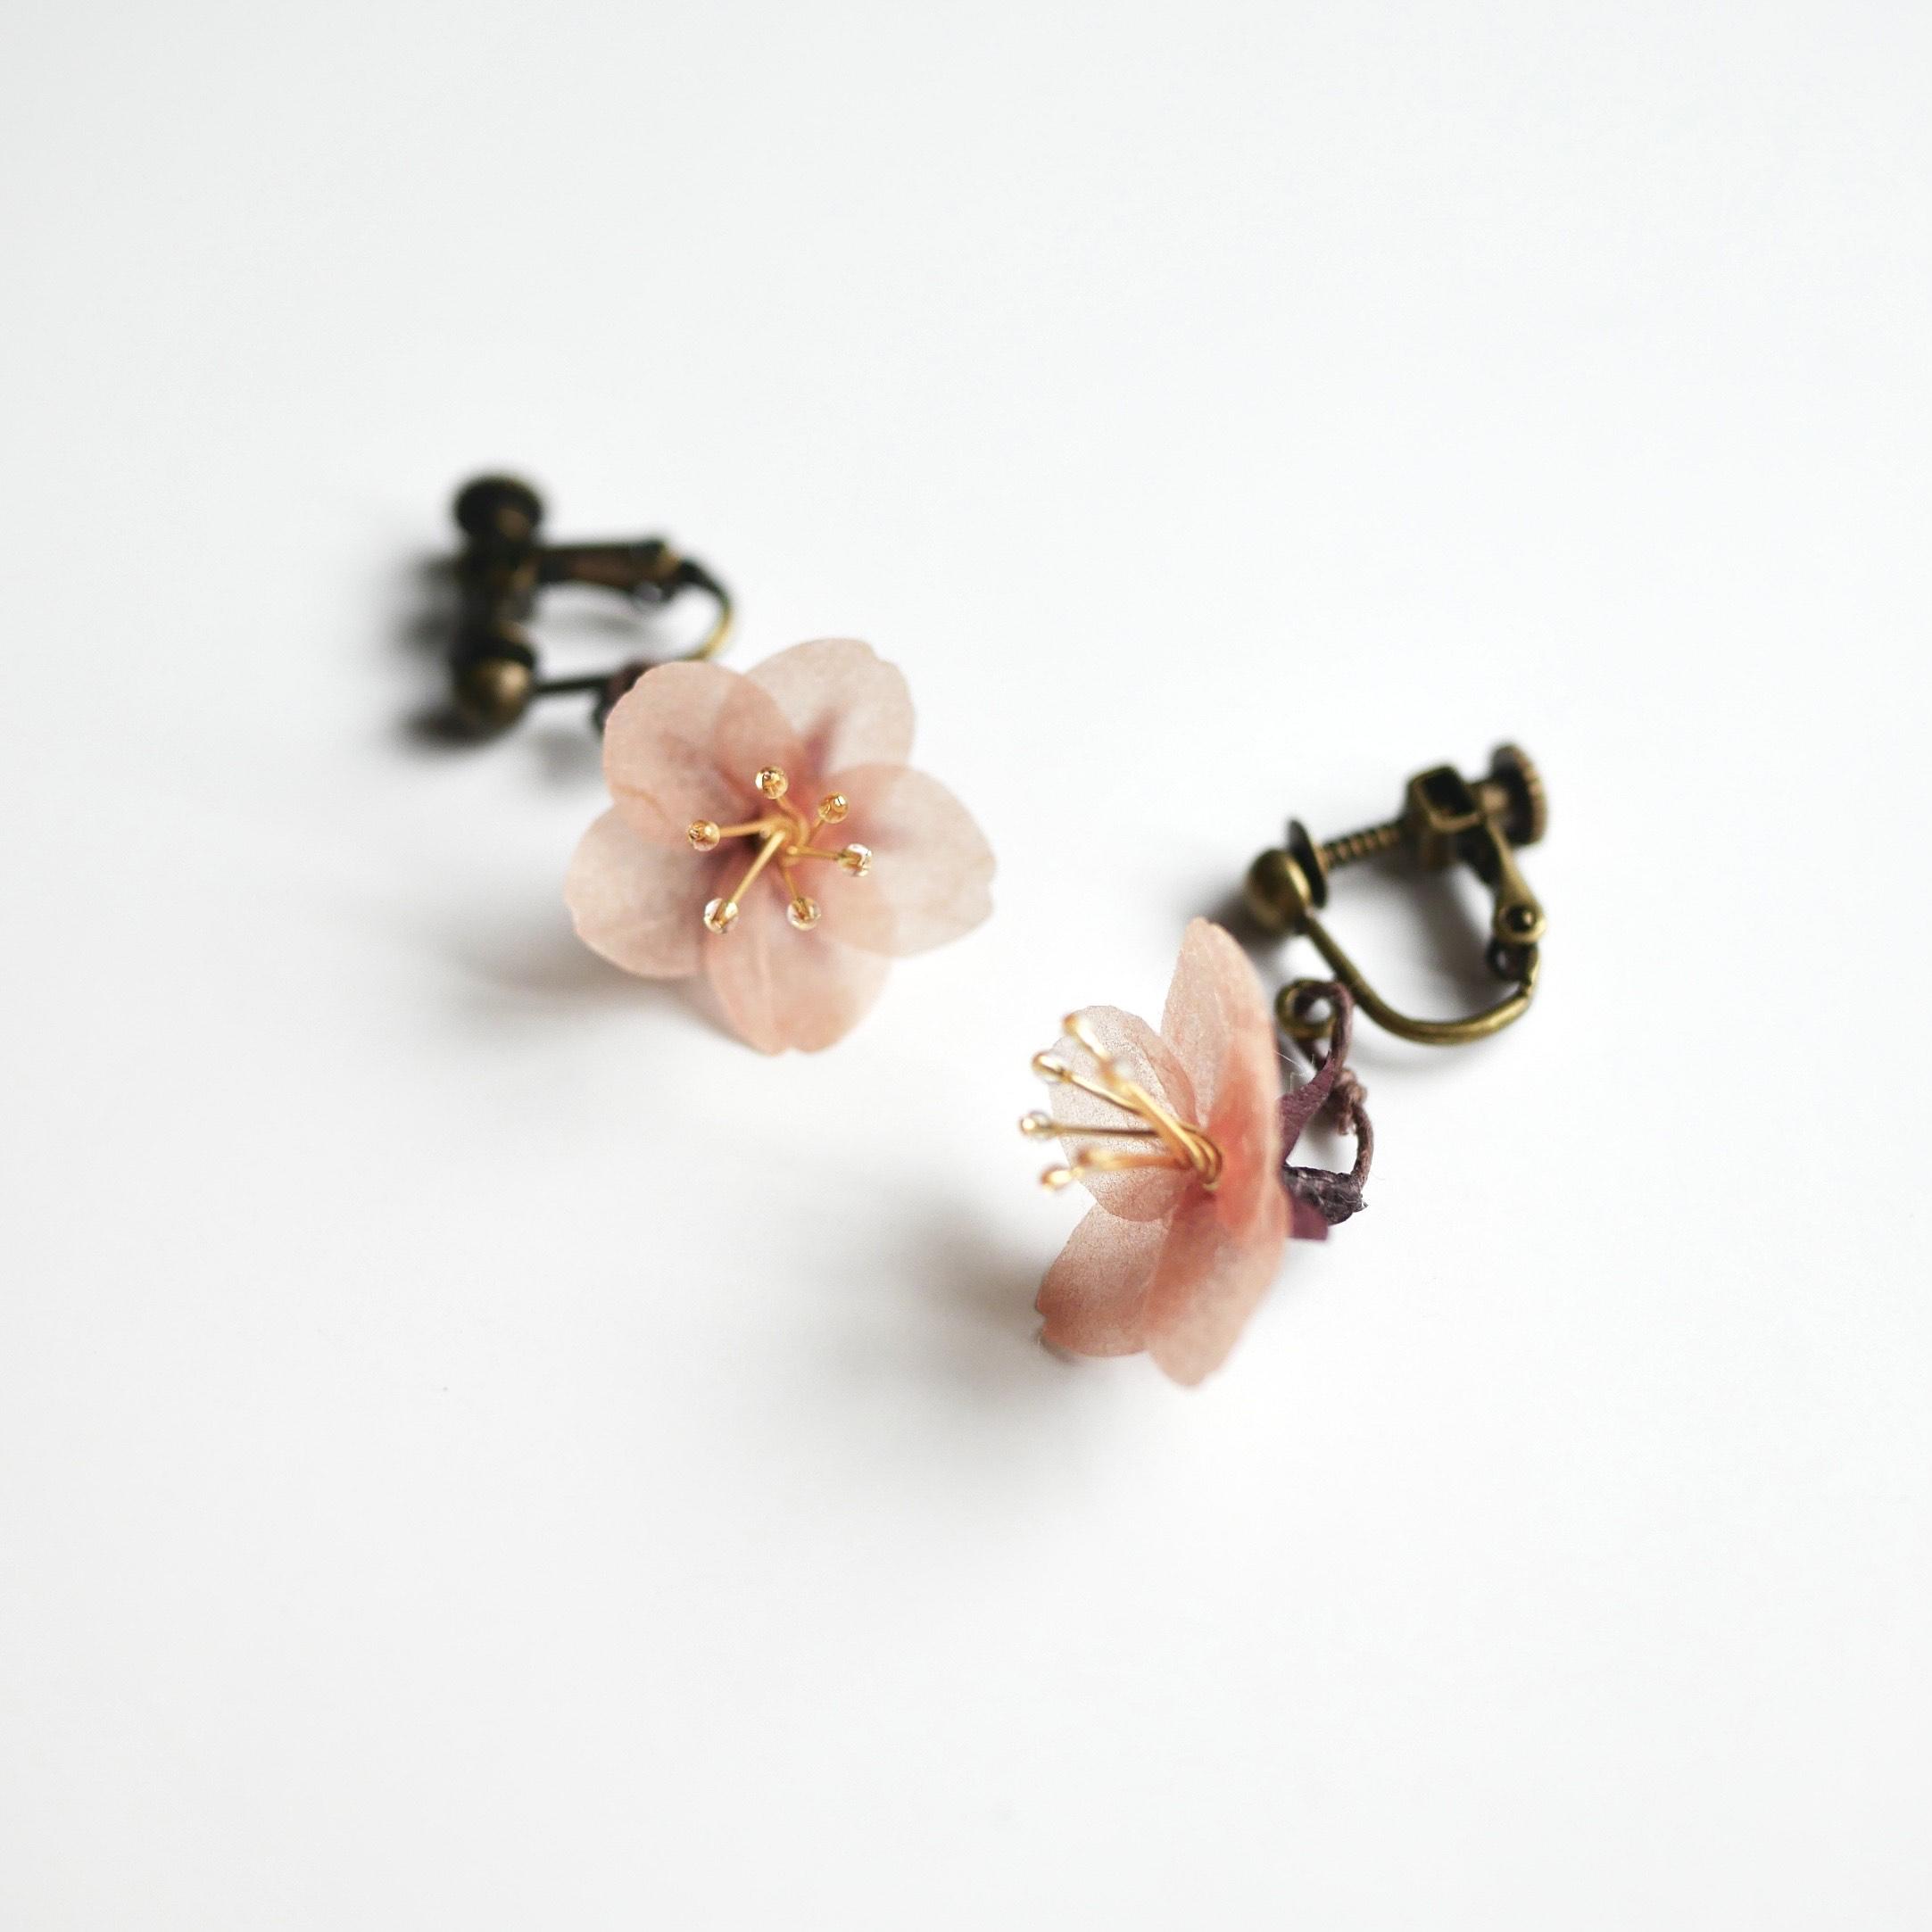 和紙の花「大和の桜 -追憶- 一輪」